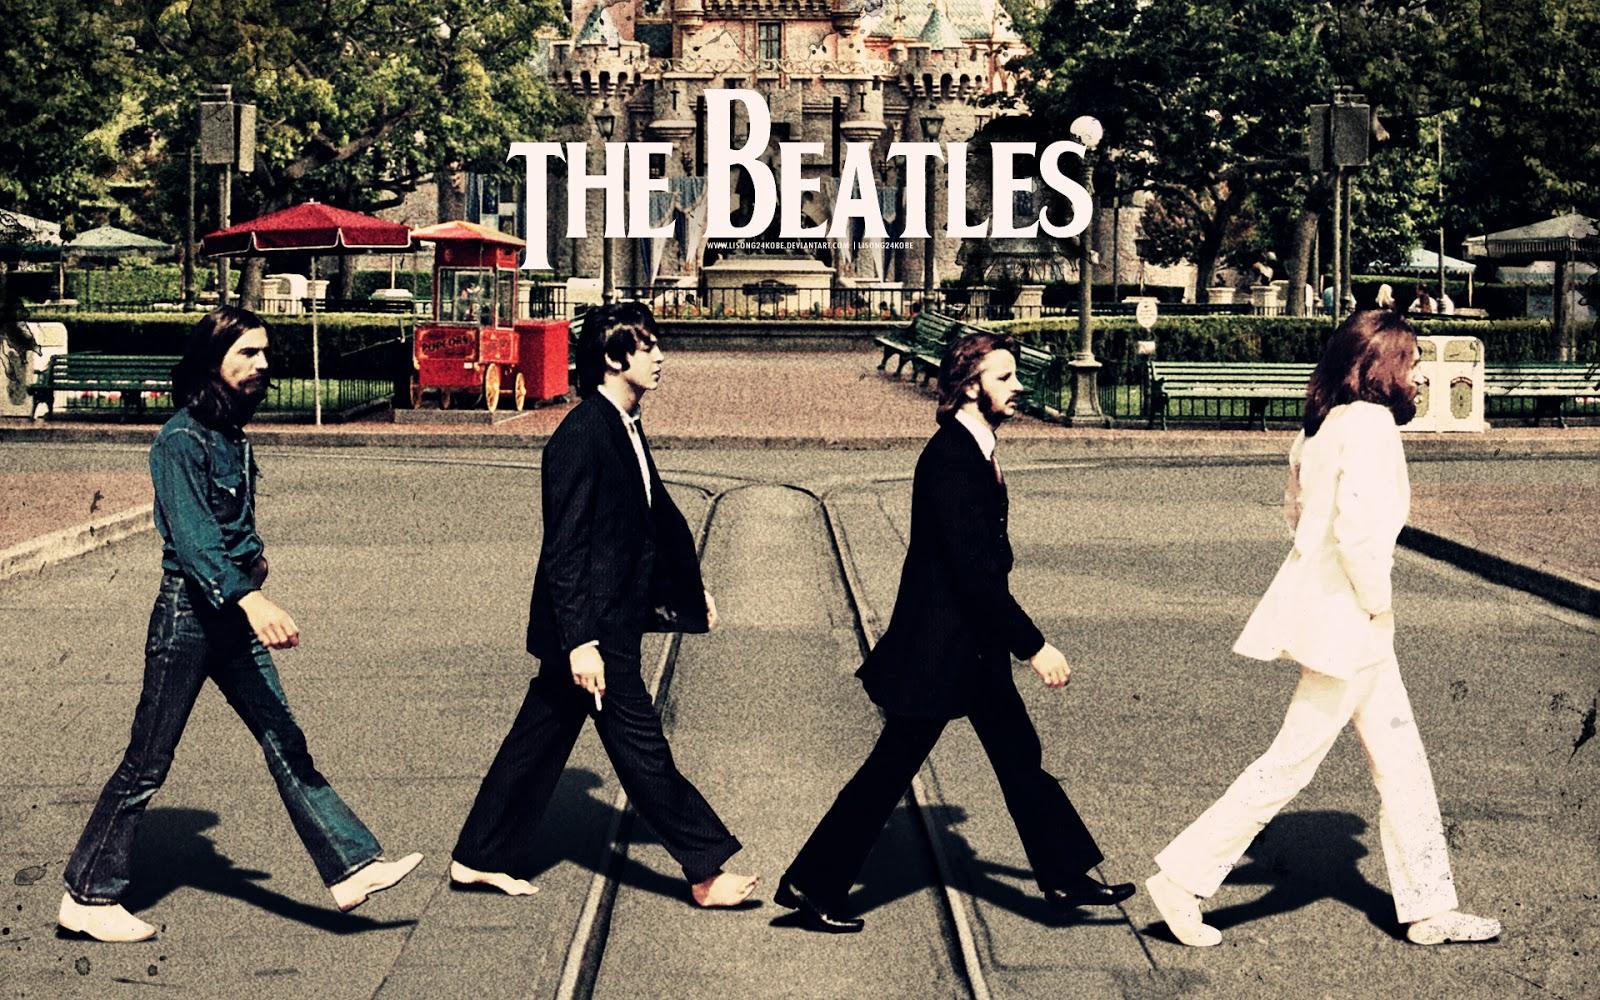 Record dei Beatles su Spotify, ascoltati 250 milioni di volte in un mese